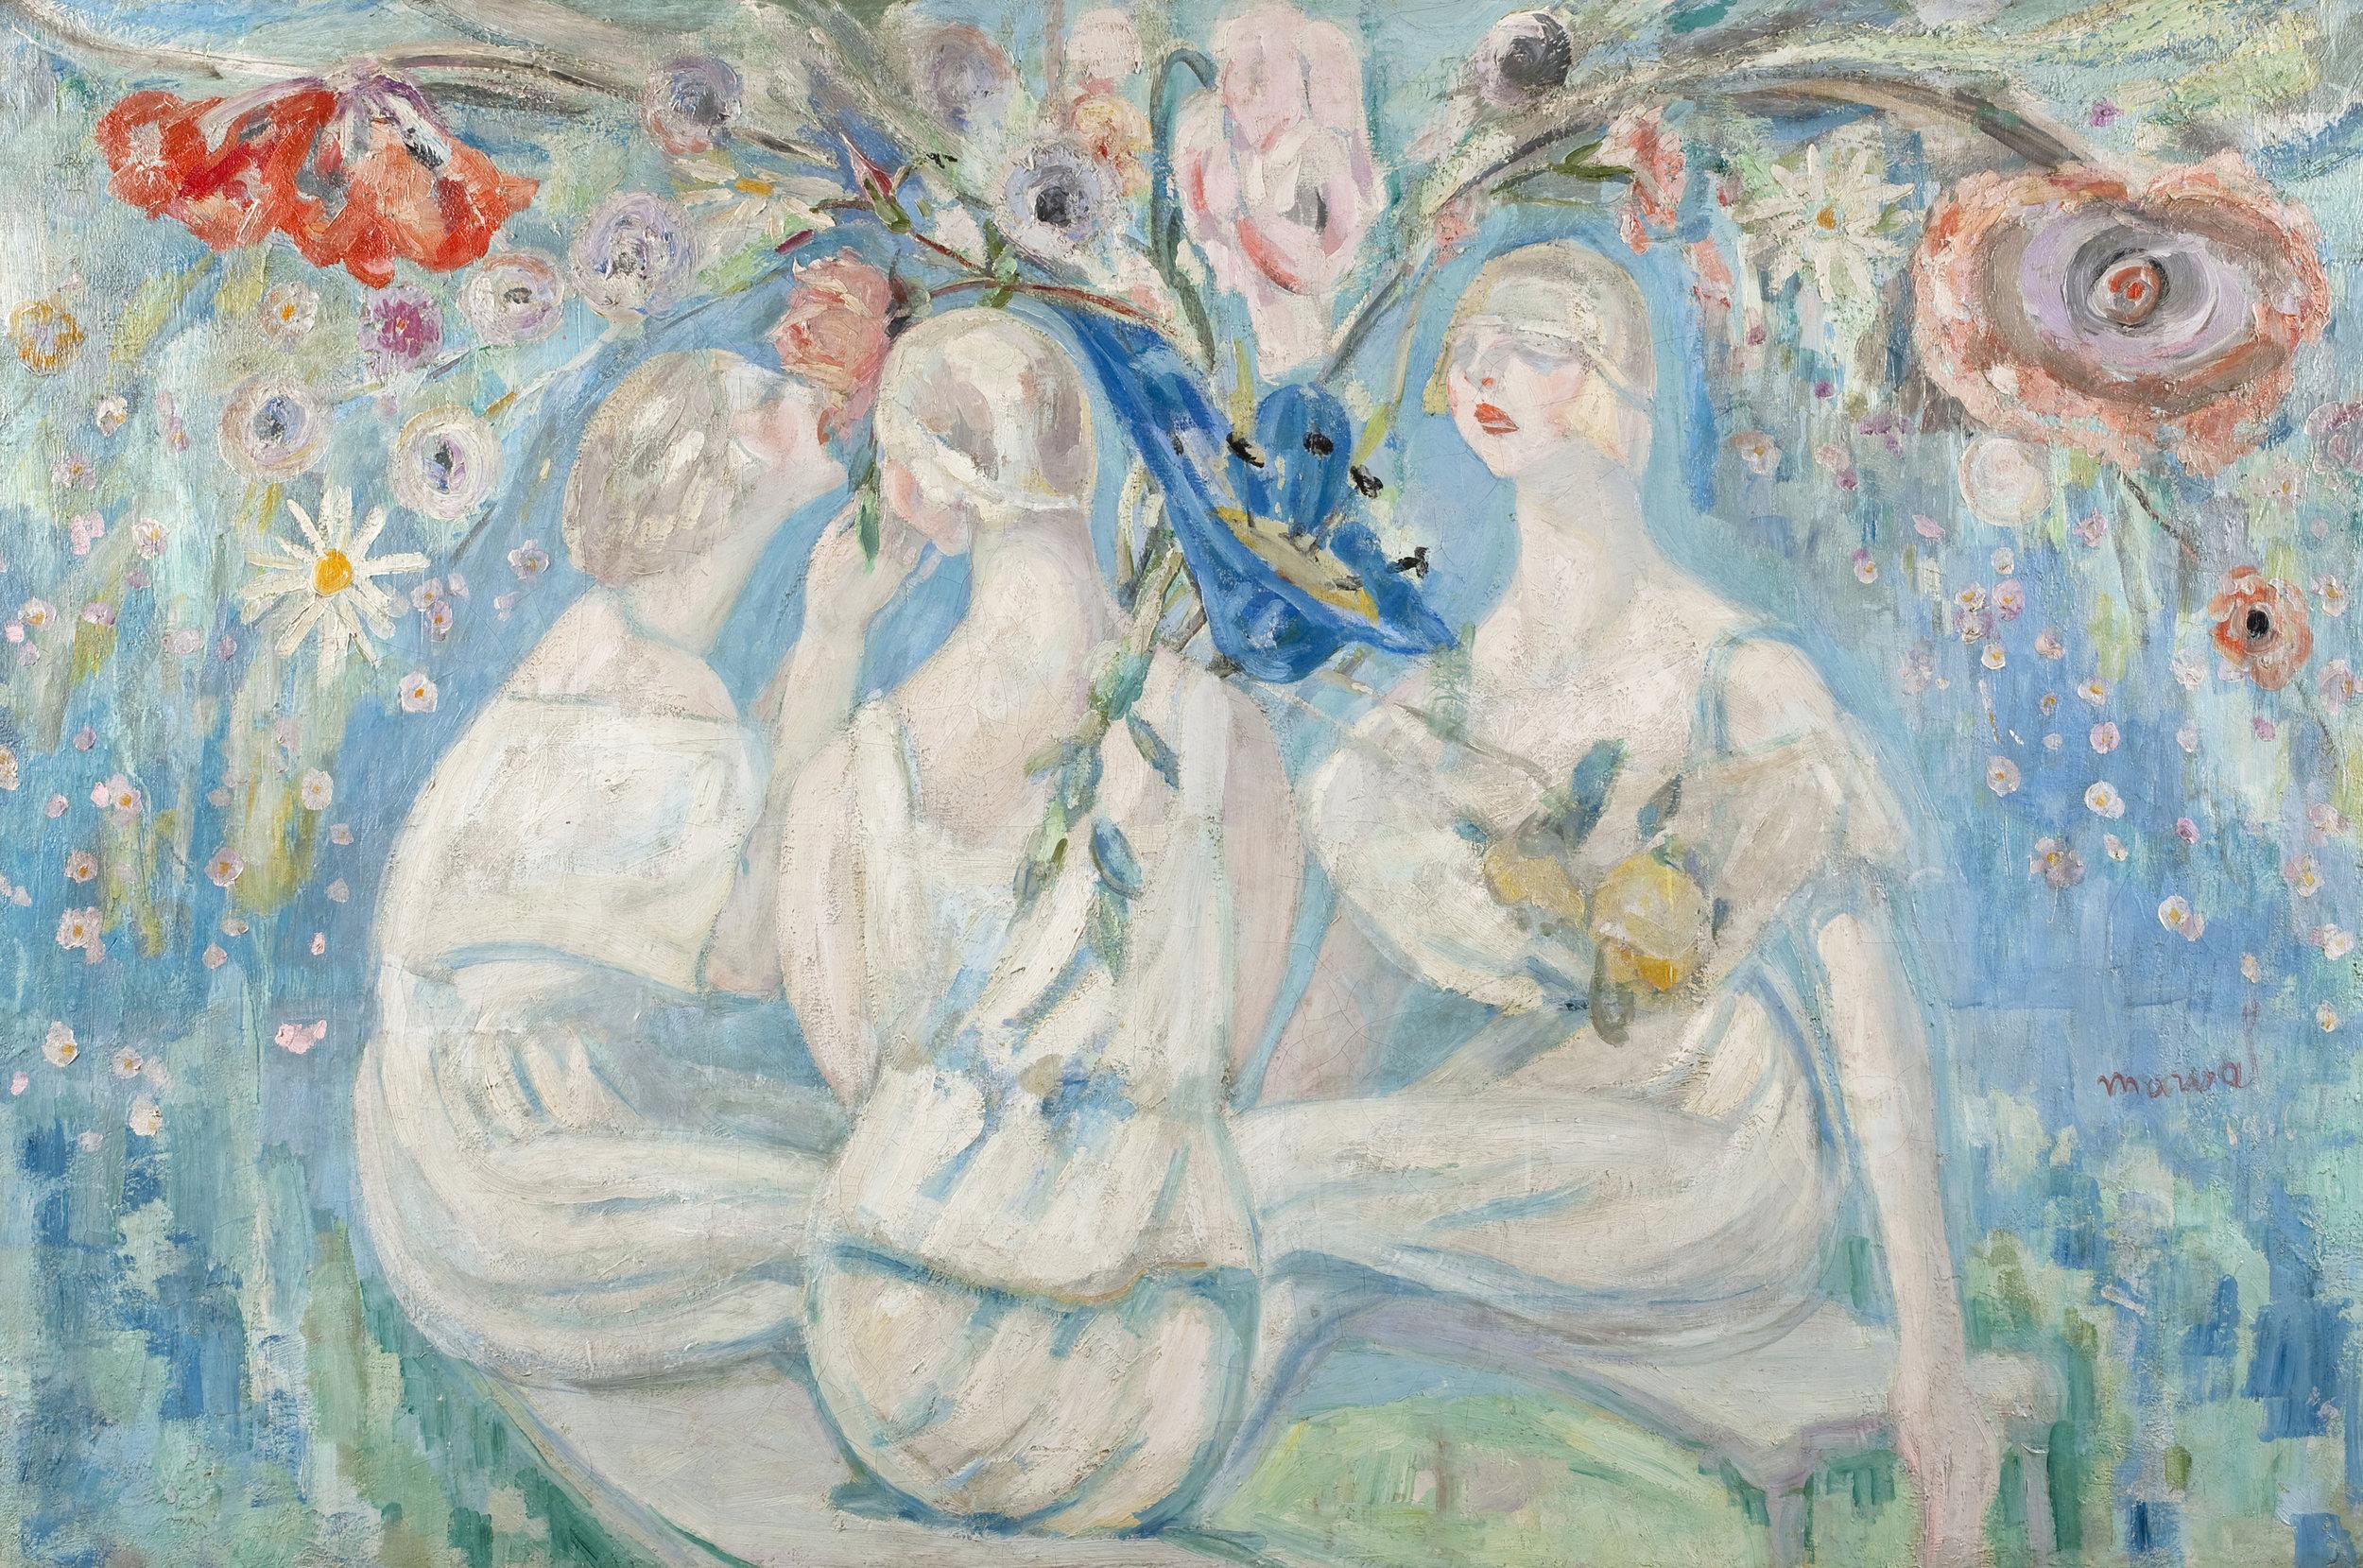 Un Bouquet pour la Victoire, c 1916. Huile sur toile, 130 x 195 cm. Collection privée, Paris.